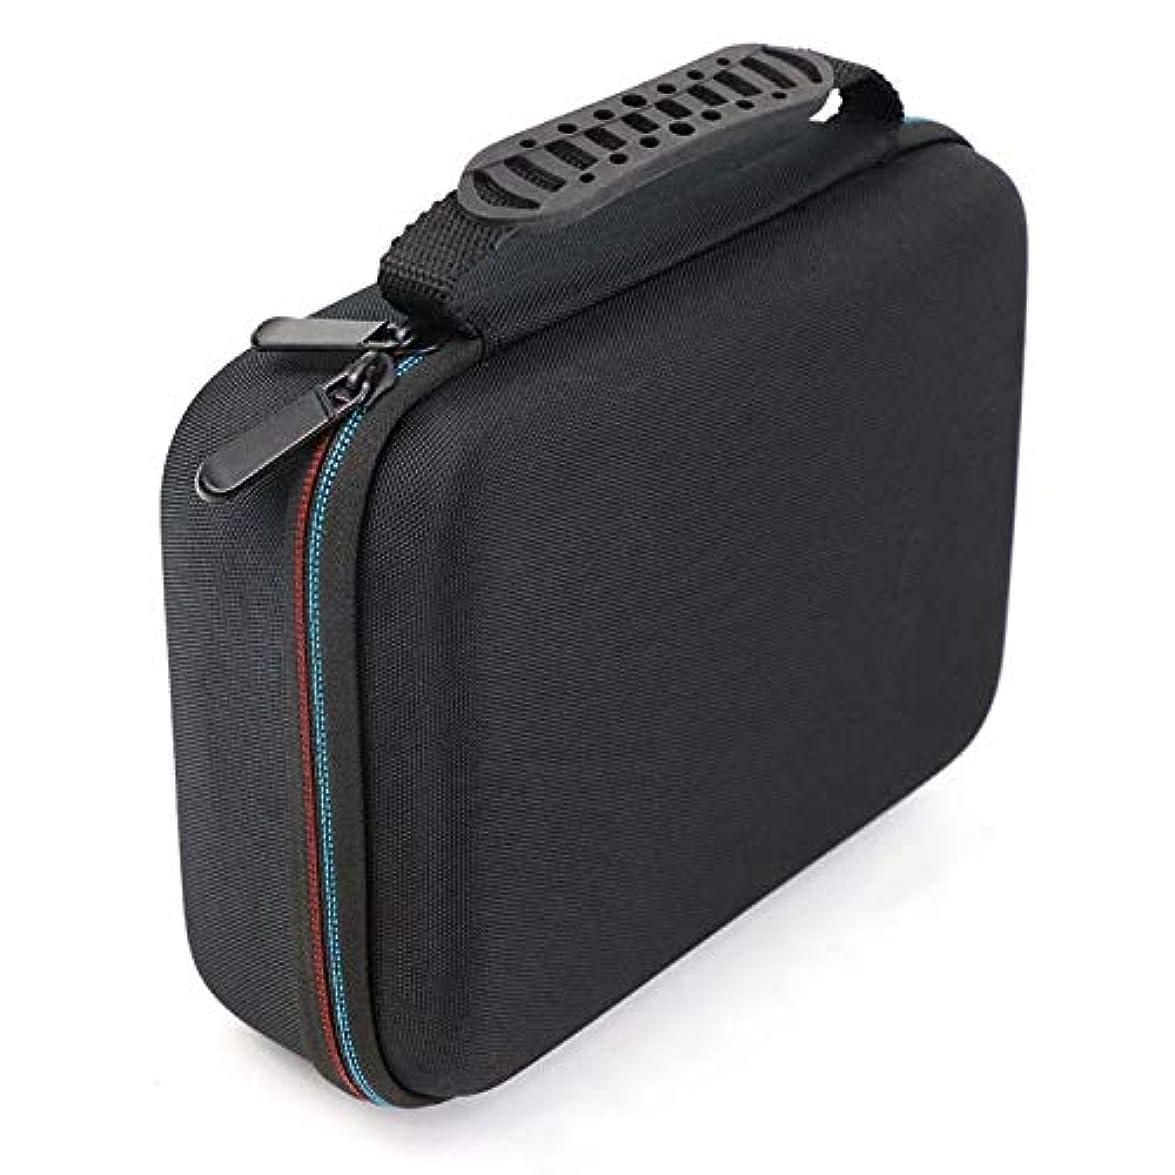 図休憩する雪SODIAL バリカンの収納ケース、携帯用ケース、耐衝撃バッグ、シェーバーのキット、Evaハードケース、収納バッグ、Mgk3020/3060/3080用